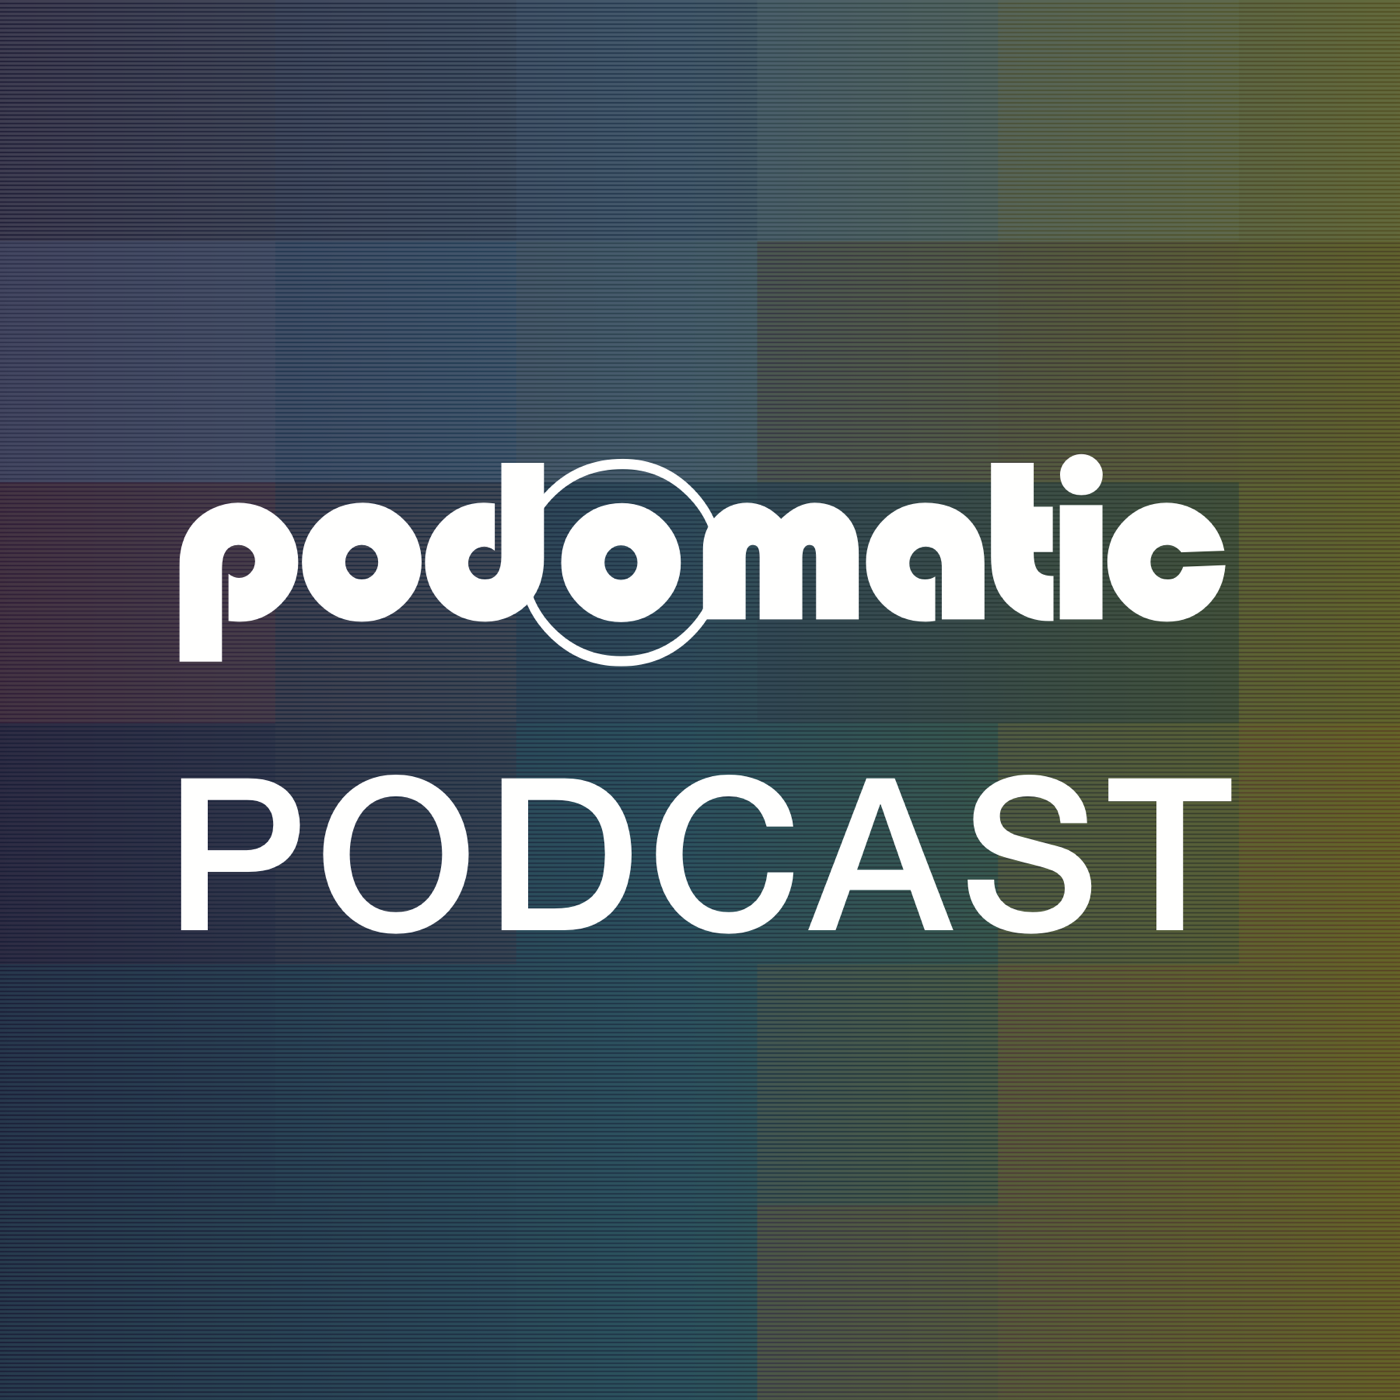 7pr's Podcast